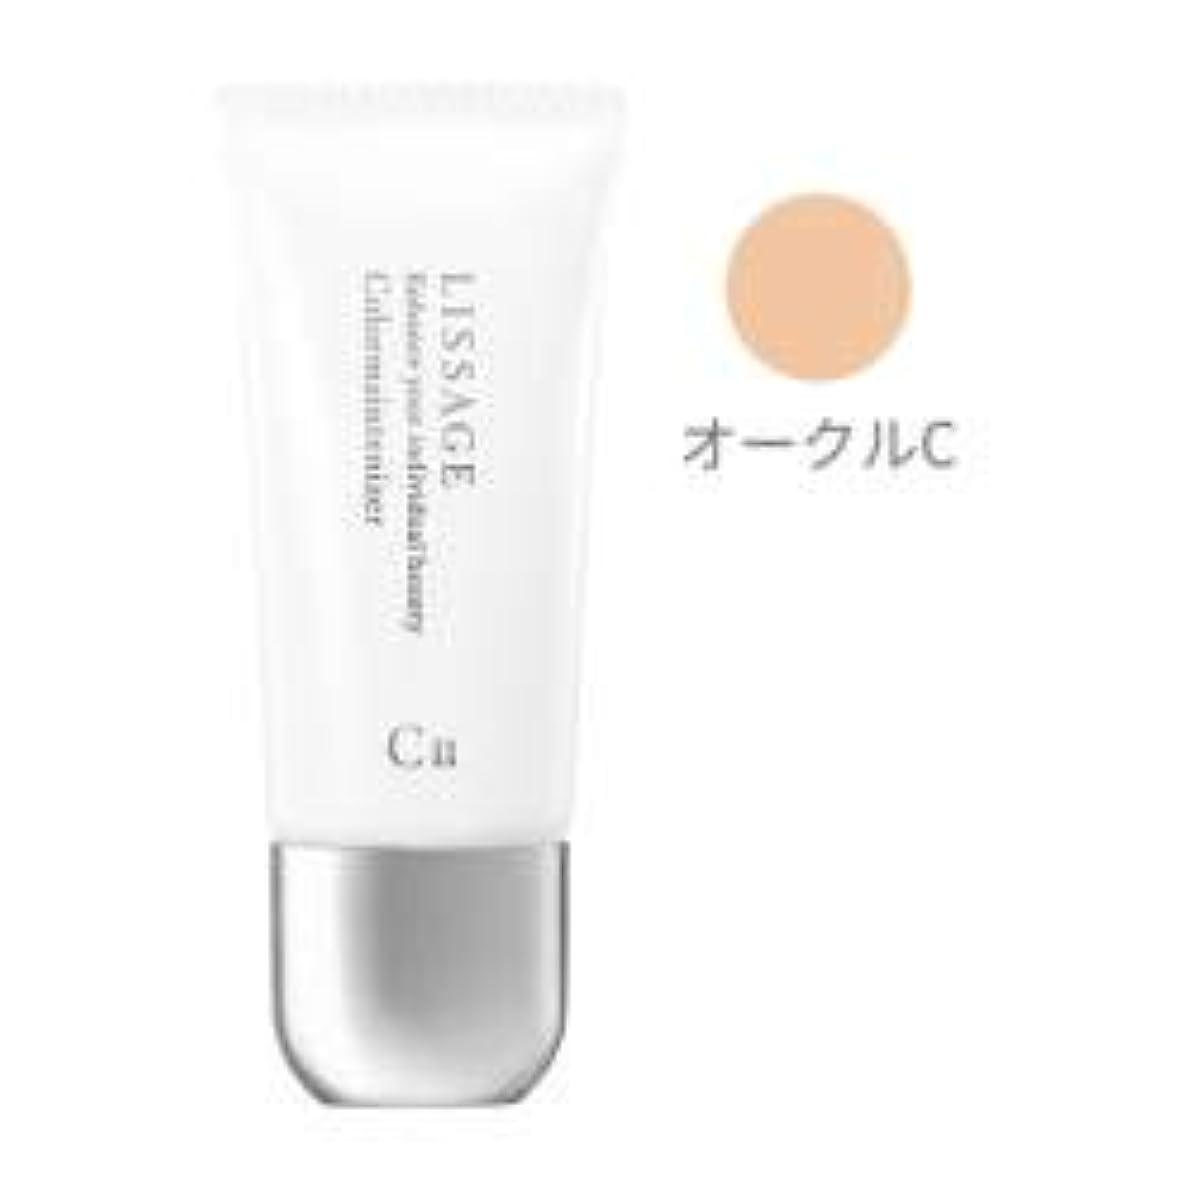 パンチ困惑占めるリサージ カラーメインテナイザーCII オークルC(SPF25/PA++)(30g)